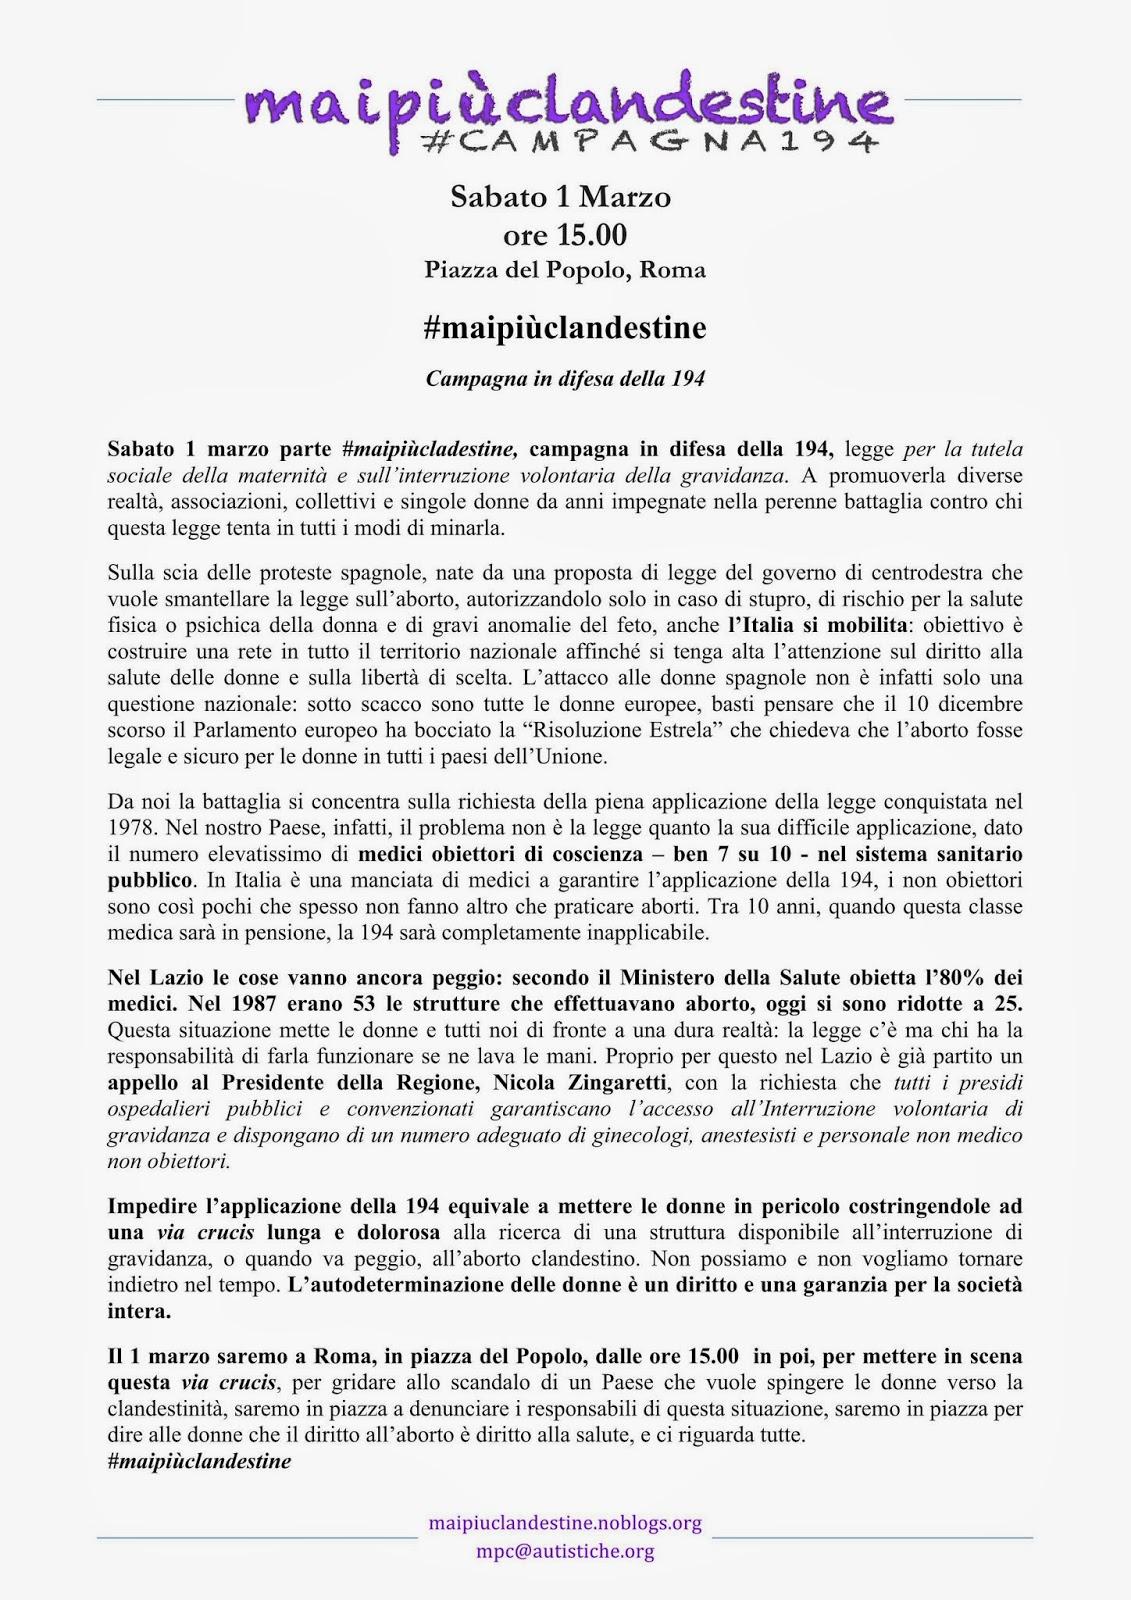 http://maipiuclandestine.noblogs.org/